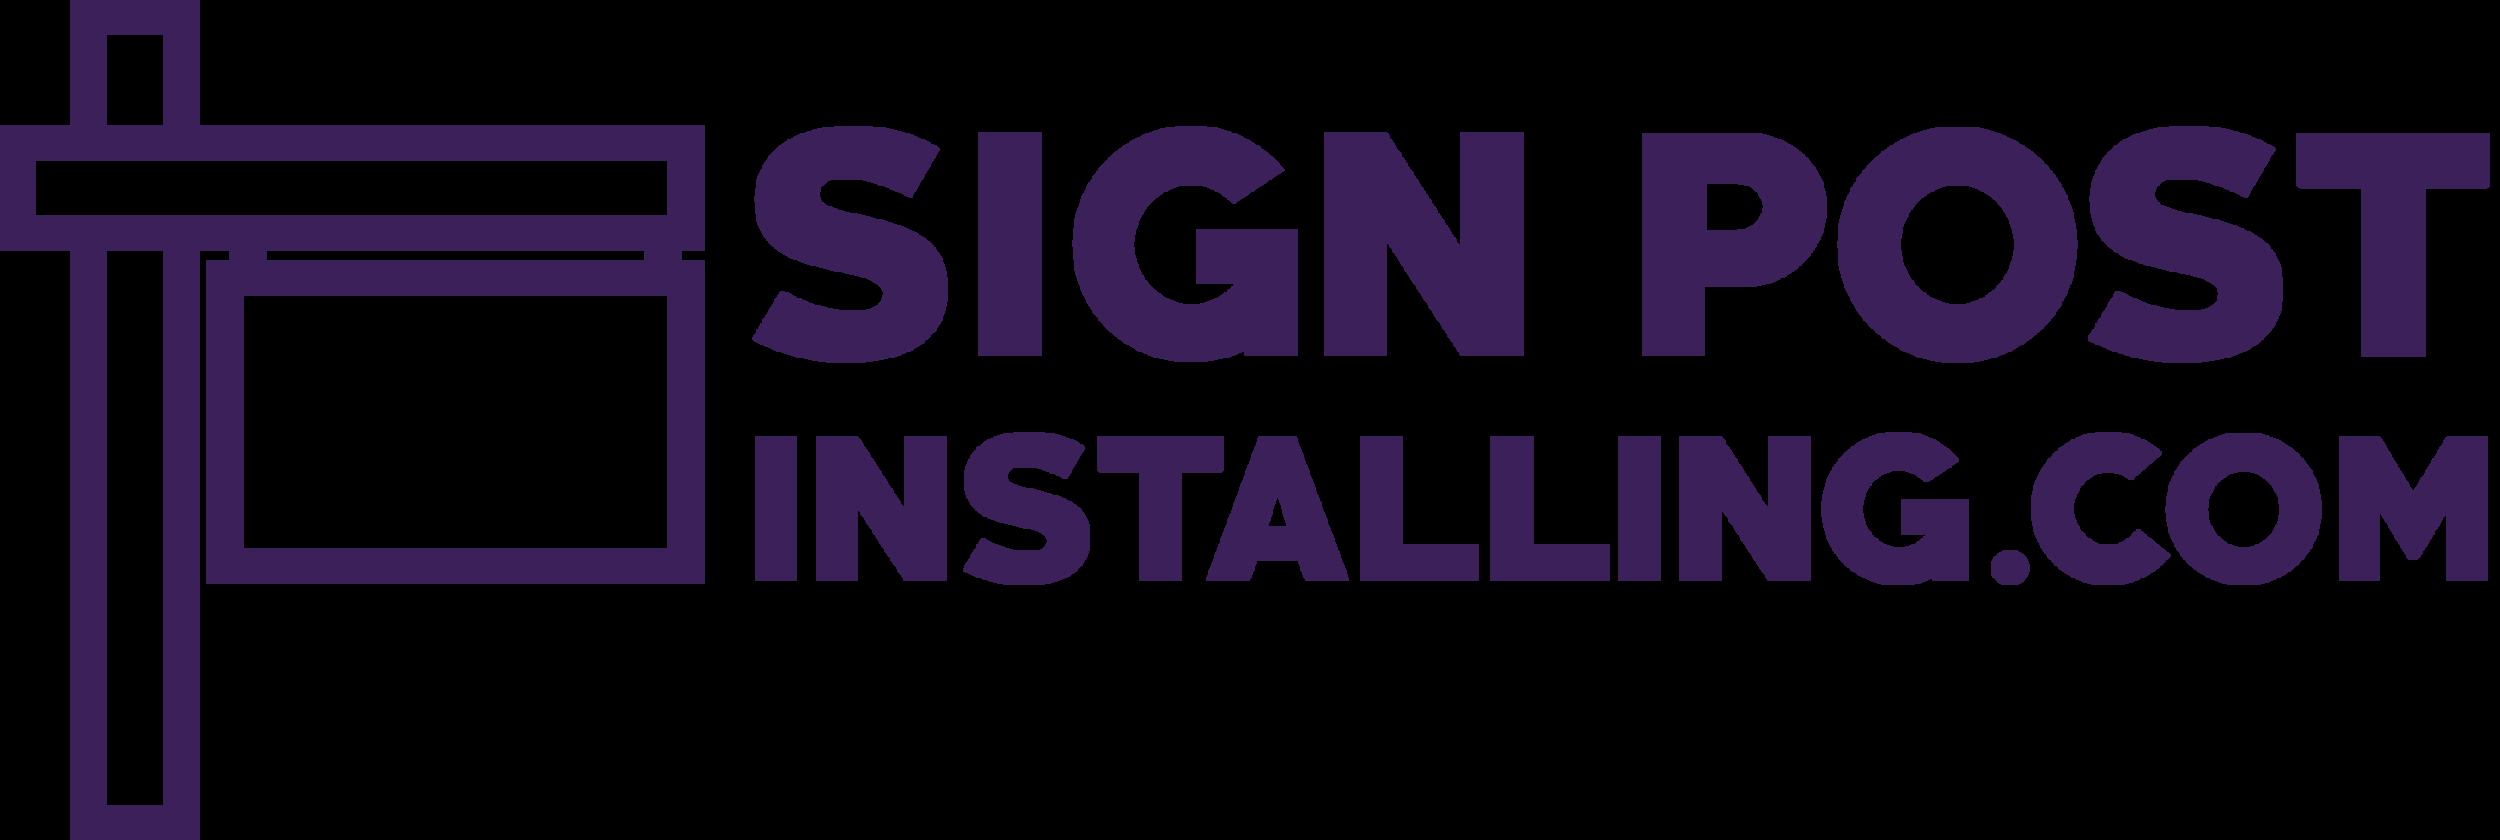 SPI.com Full Logo Purple on White.png